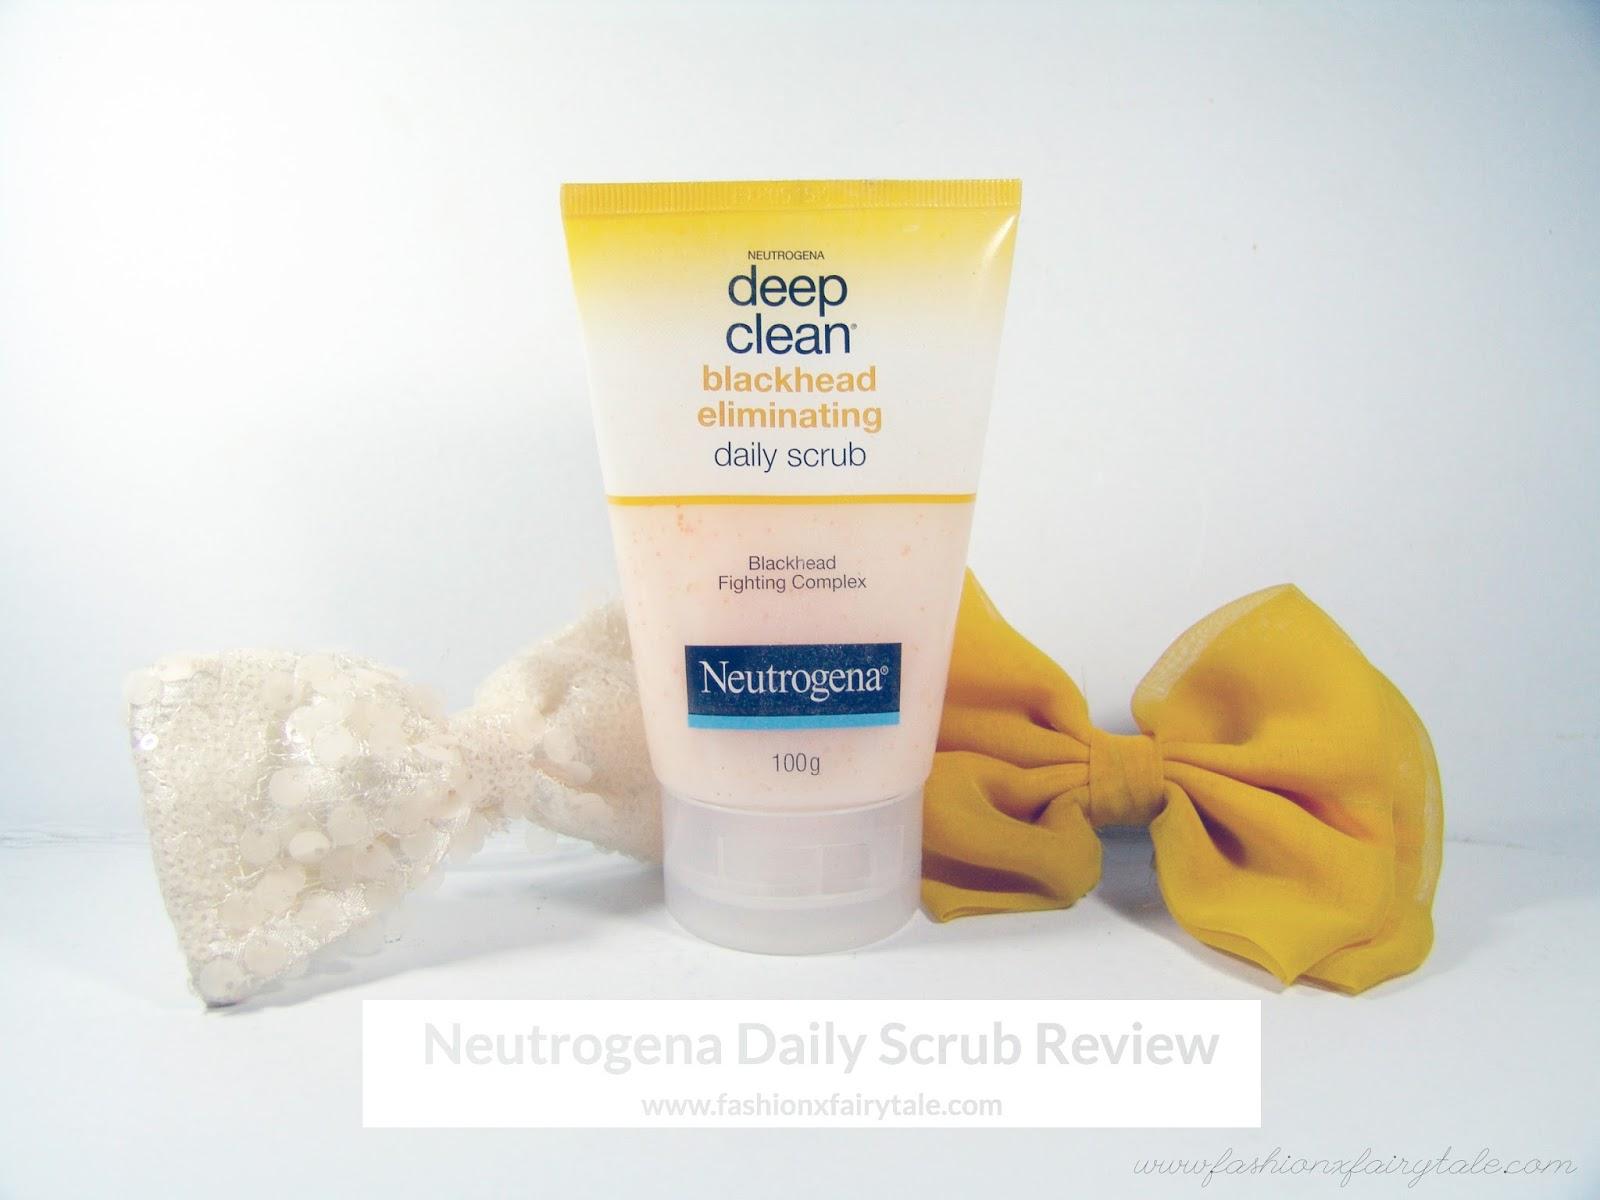 Neutrogena Daily Scrub Review